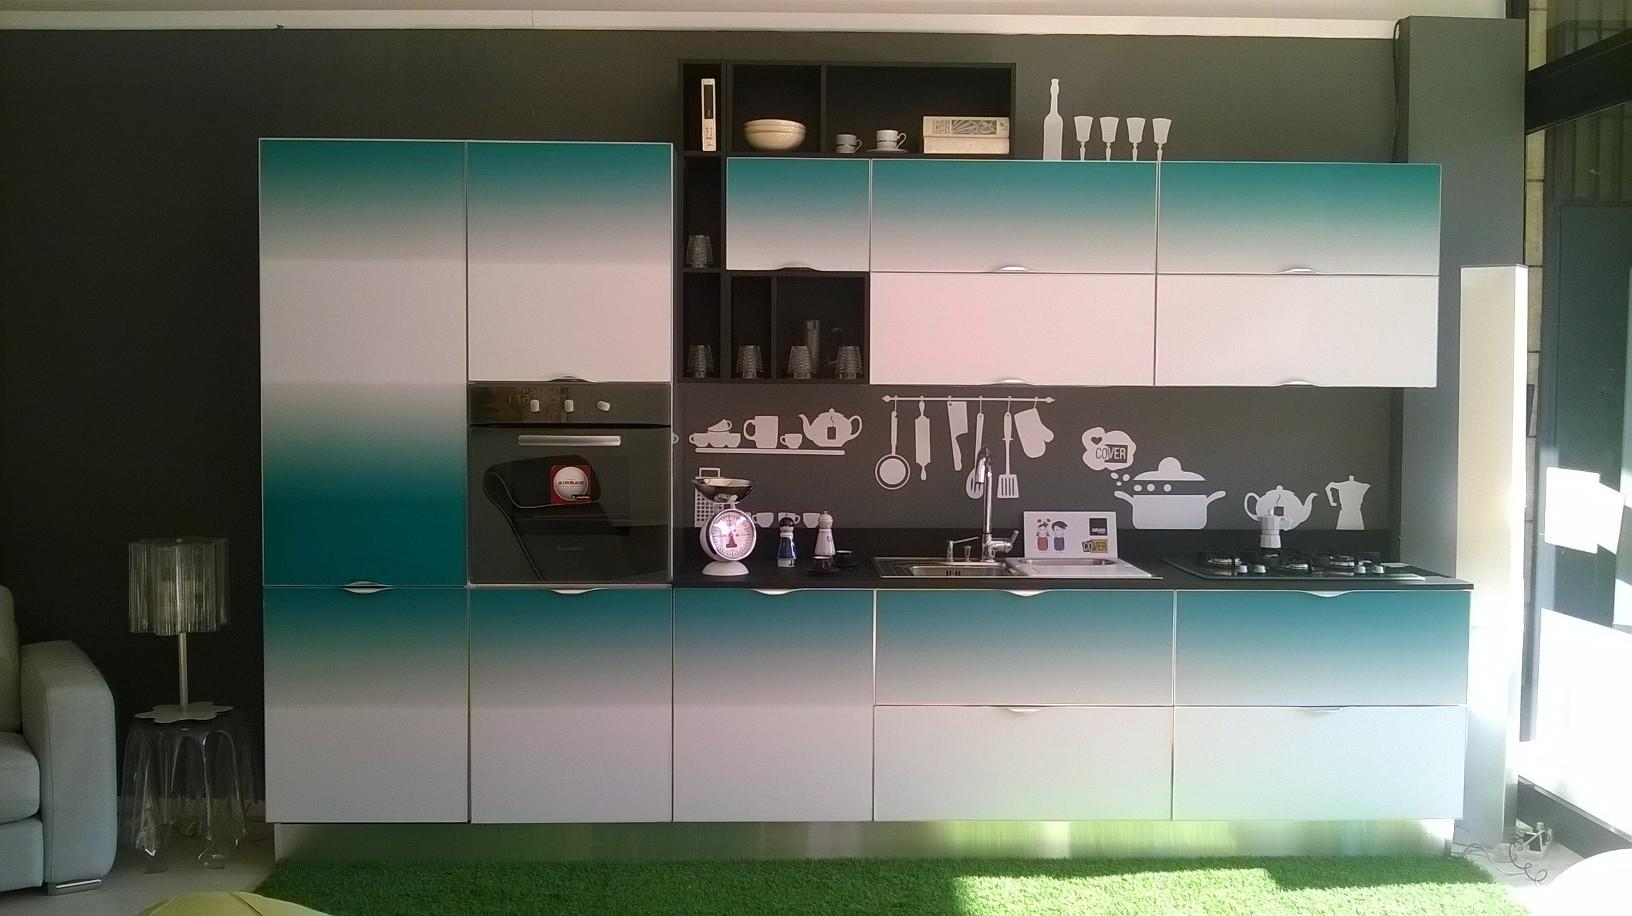 Cucina Aran Del Metri Lineare Con Elettrodomestici Pictures To Pin On  #436E6B 1632 916 Aran O Veneta Cucine